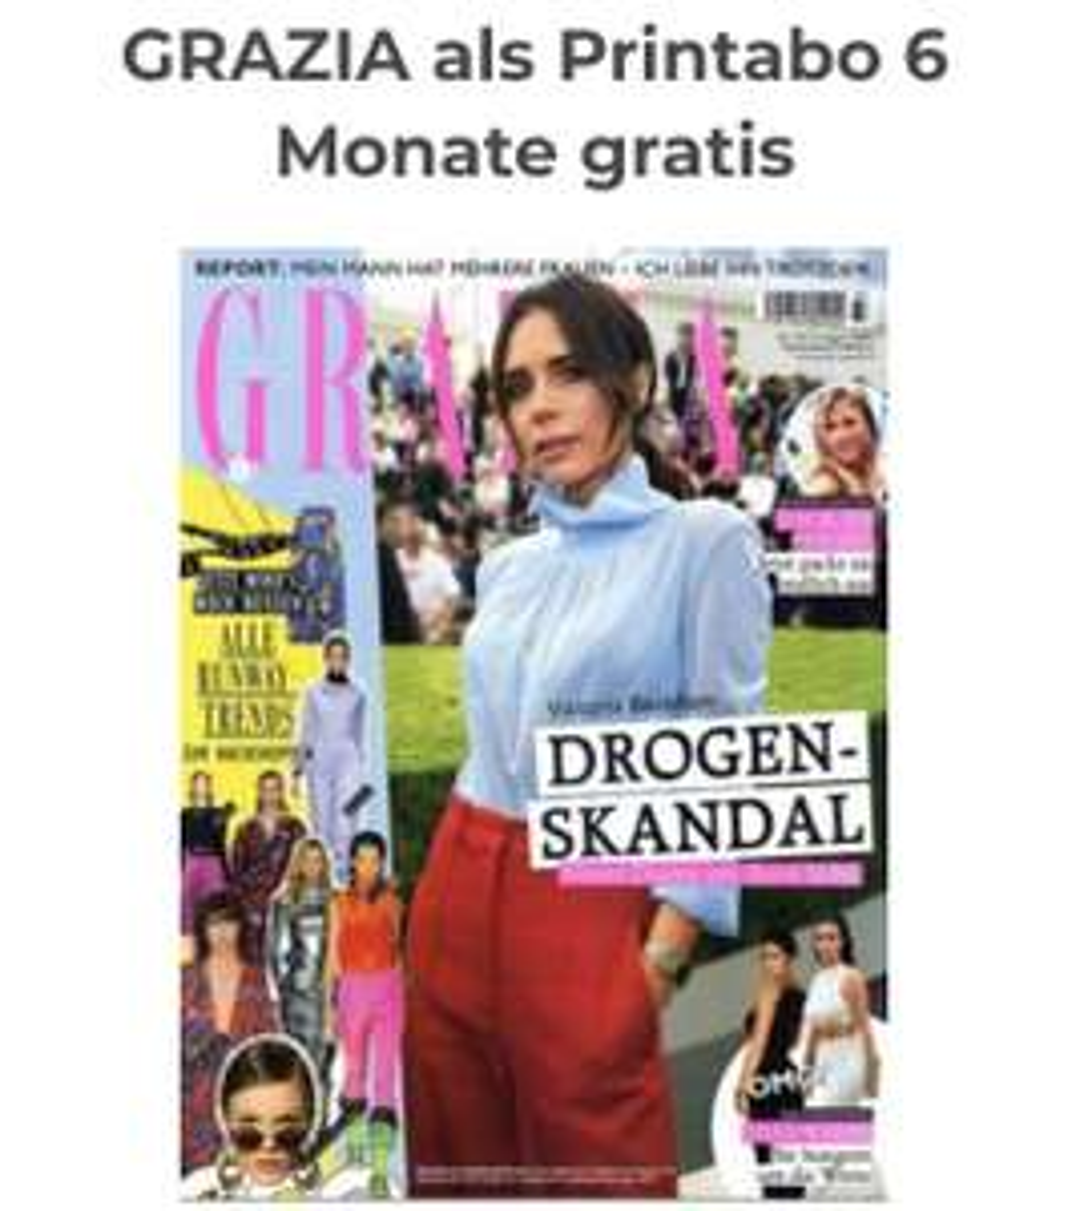 GRAZIA als Printabo 6 Monate gratis abo24.de